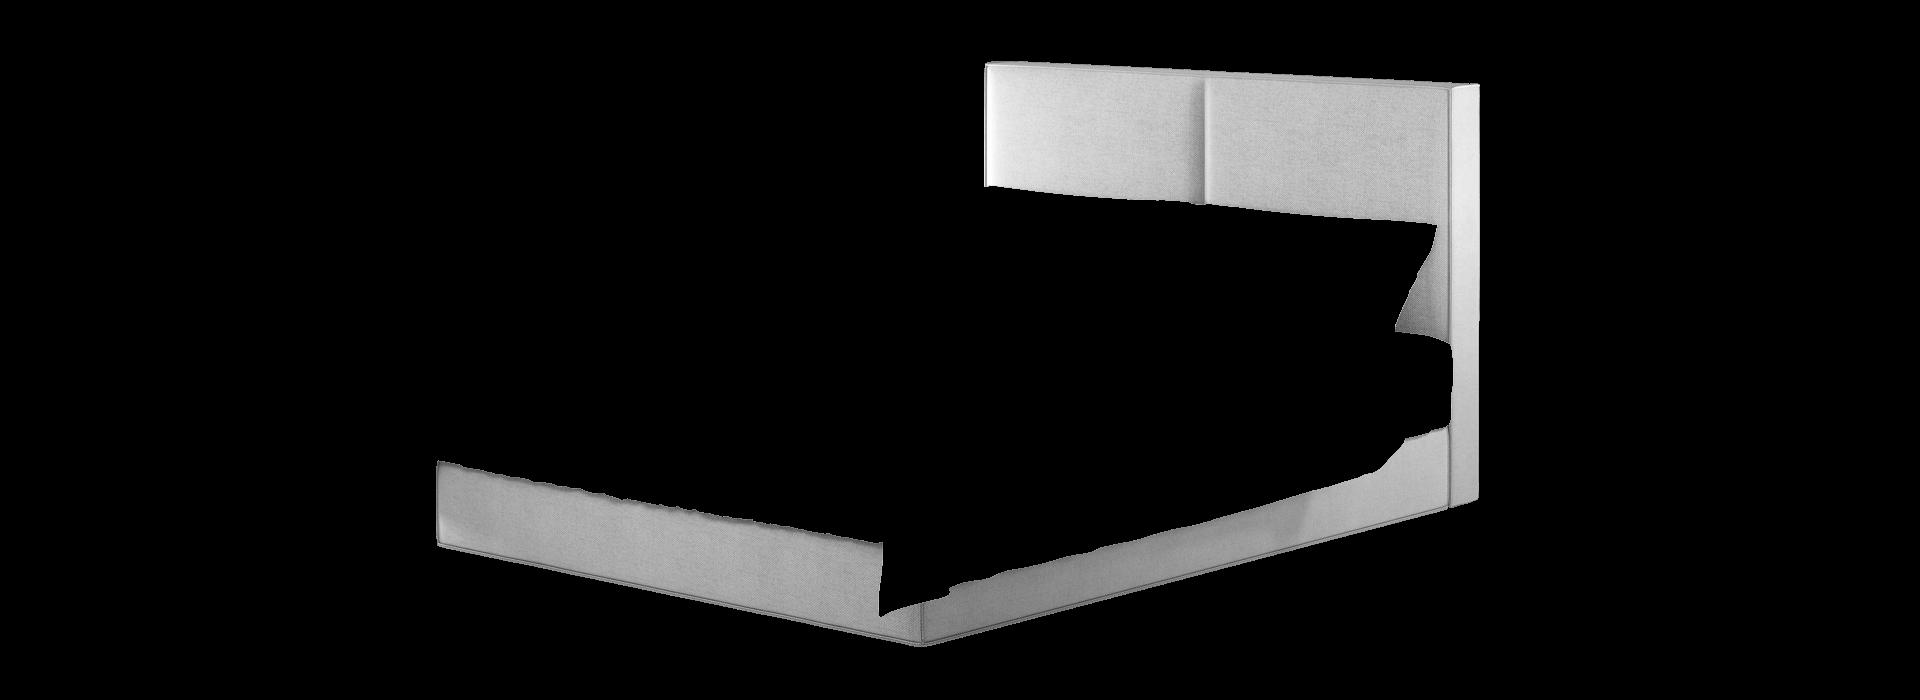 Фрея 1.6 ліжко з підйомником - маска 2